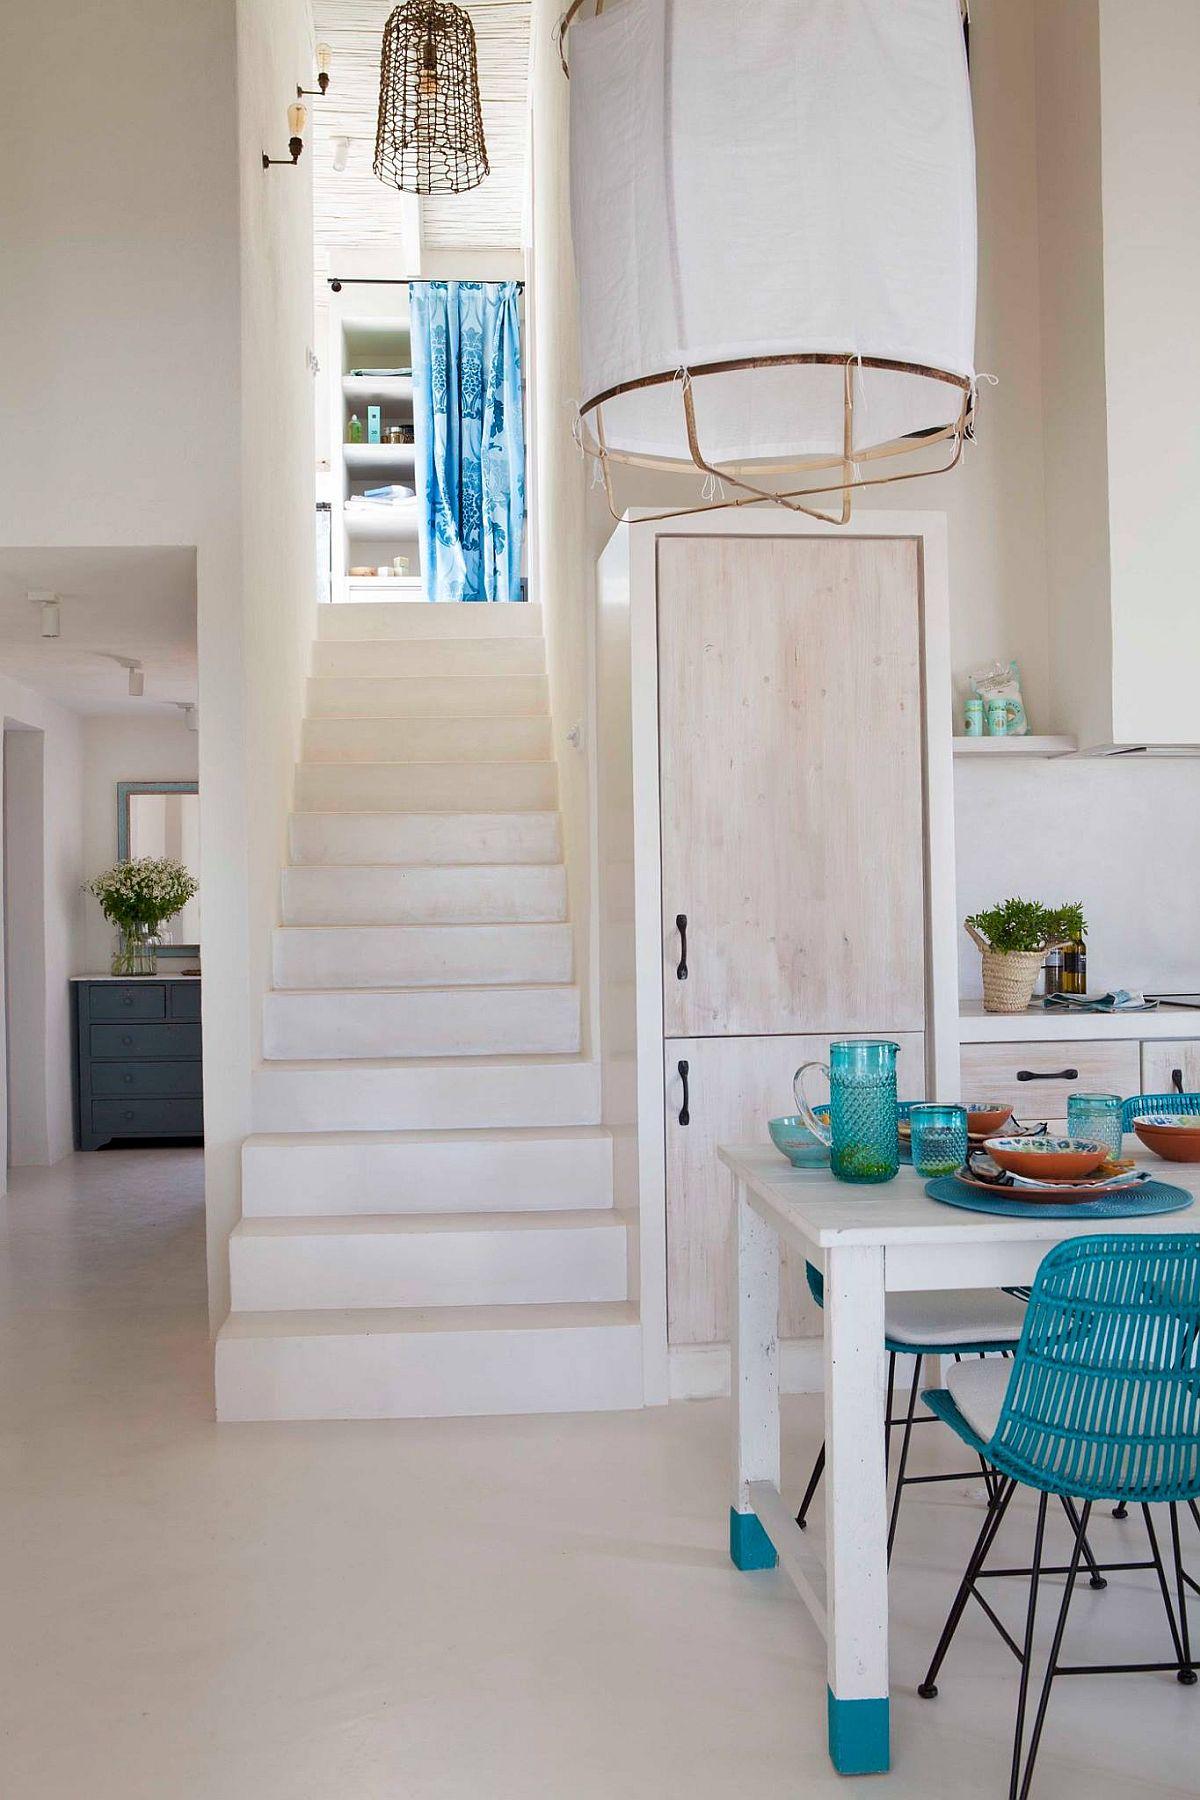 adelaparvu.com despre casa de vacanta la mare, Formentera, design Gemma Gallego, Knowhaus, Foto Pepa Oromi (4)